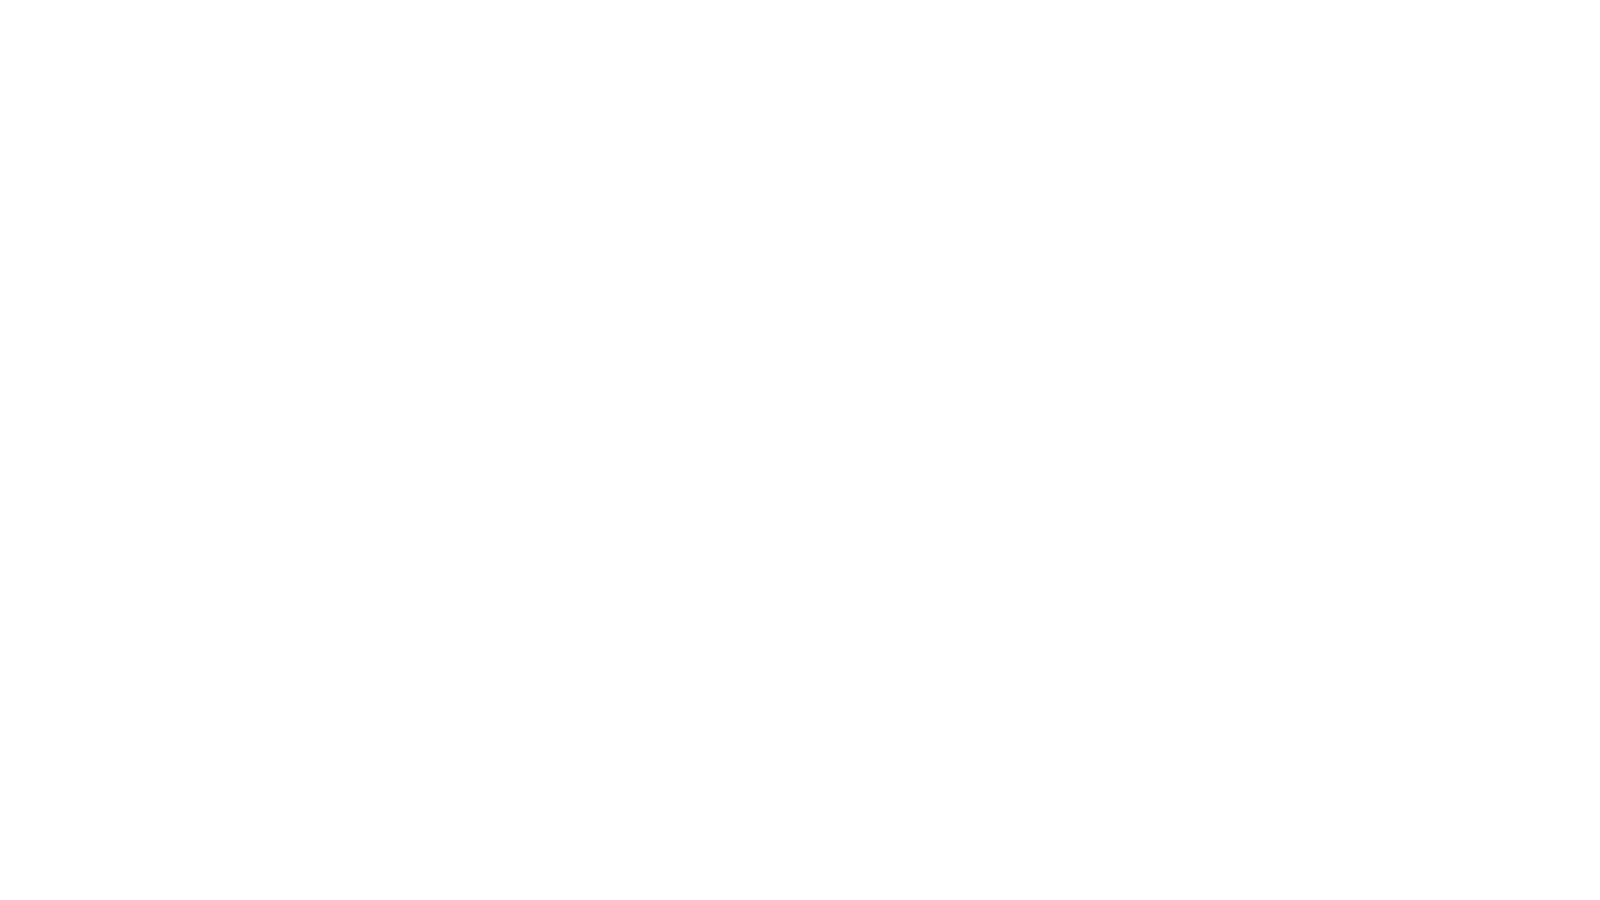 Nocaute Espetacular! #Shorts  🎯 Curso de Língua Coreana 🎯 ✅ https://bit.ly/estudecoreano ✅ Cupom de 12% de desconto: felipetkd  💥 Se inscreva no Nosso Canal 💥 ✅ https://bit.ly/felipemarcaloficial  🛑 Atenção! 🛑 Para manter a descrição desse vídeo mais objetiva possível, criamos uma página externa especialmente feita para a divulgação dos materiais recomendados e informações adicionais sobre o Canal. ✅ Clique no link abaixo! 👉 https://www.felipetkd.com.br/links-youtube  ● Meus Contatos ✅ INSTAGRAM ► @felipetkd ✅ EMAIL ► felipetkd@gmail.com  AVISO: Os conselhos e movimentos mostrados neste vídeo são apenas para fins informativos e educacionais. Consulte um Professor de Artes Marciais Certificado, Médico e/ou Educador Físico de confiança antes de se envolver em qualquer programa de exercícios ou de Artes Marciais.